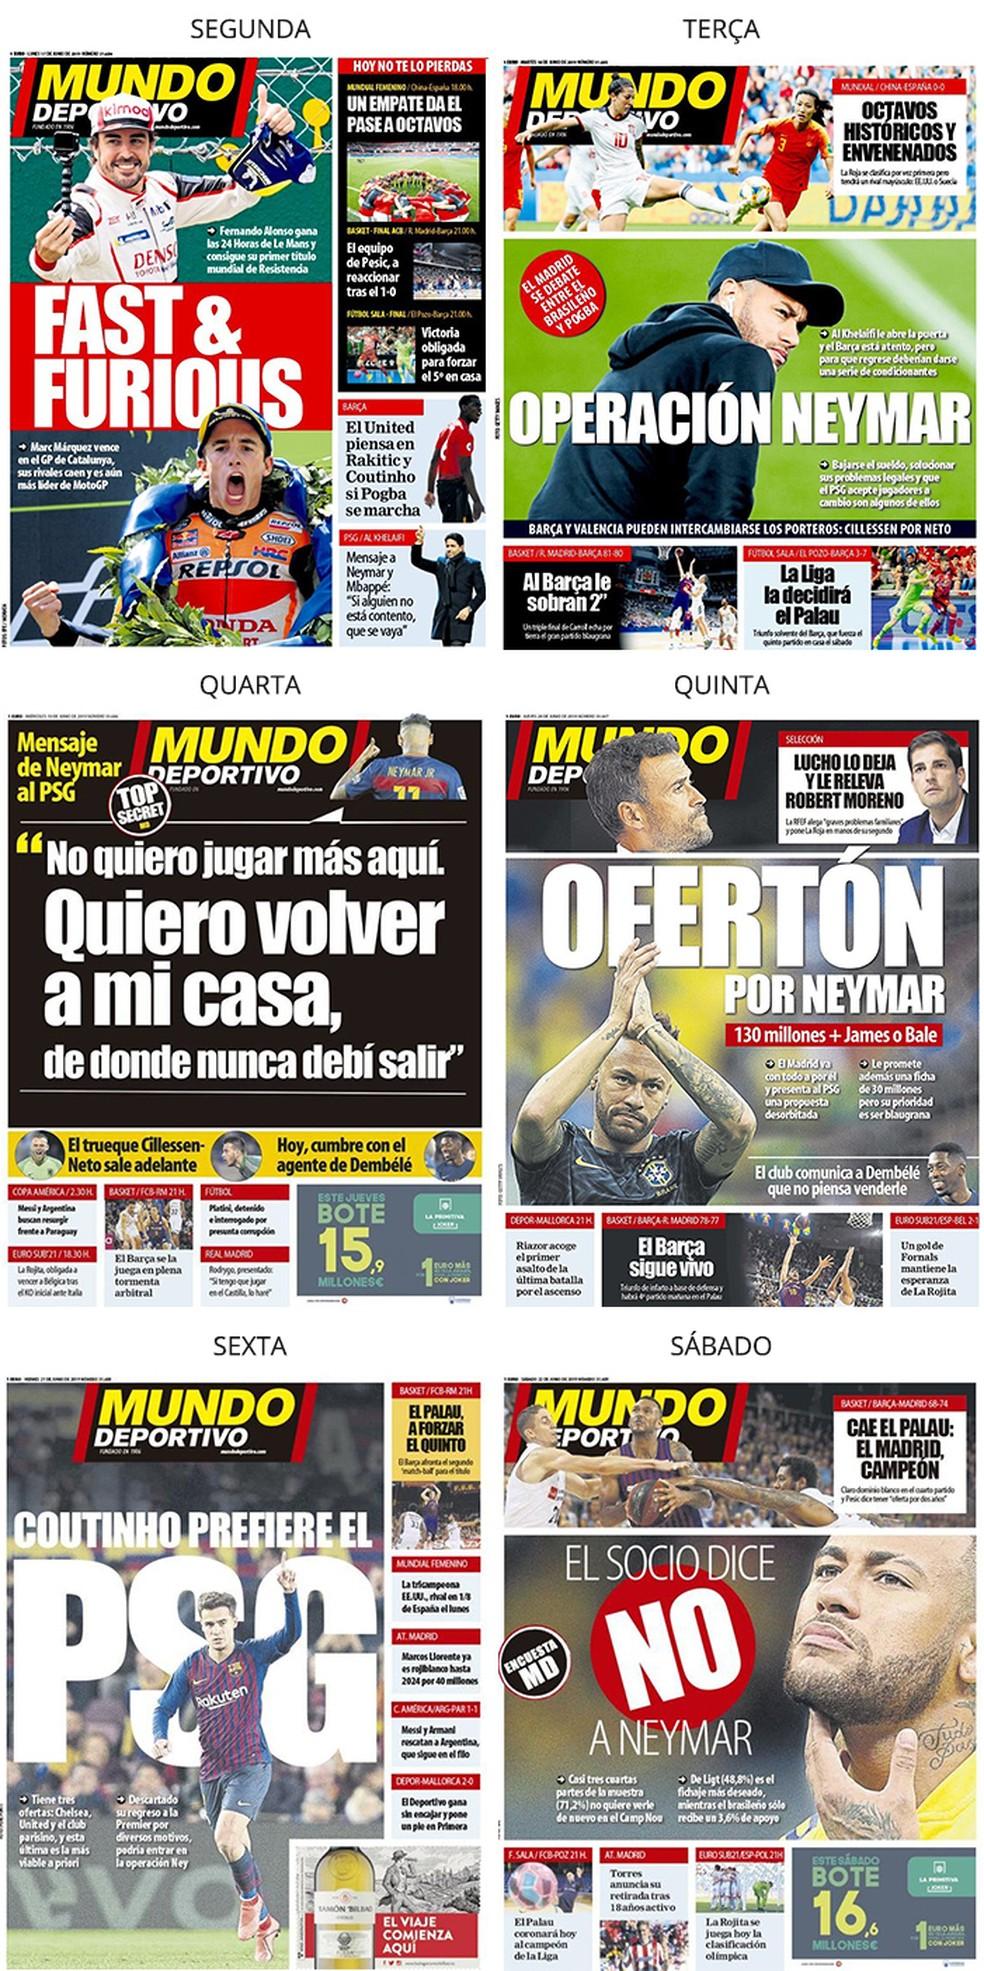 Mundo Deportivo também destaca Neymar — Foto: Reprodução / Neymar